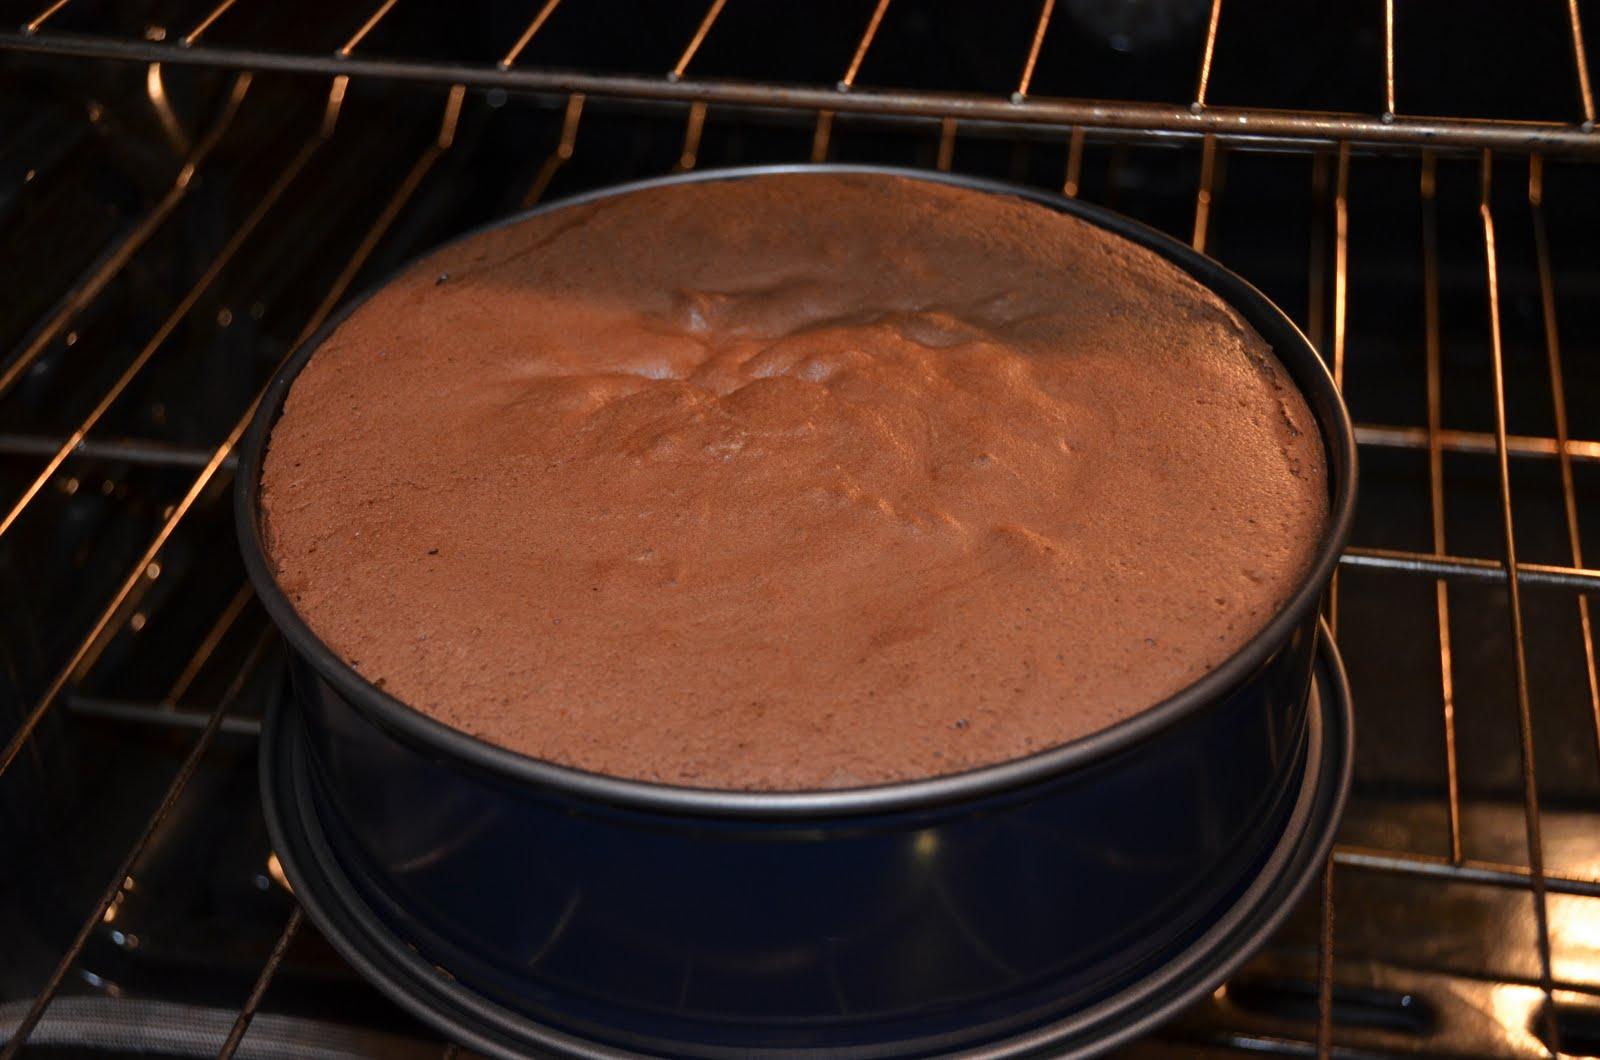 Flourless Chocolate Cake Calories